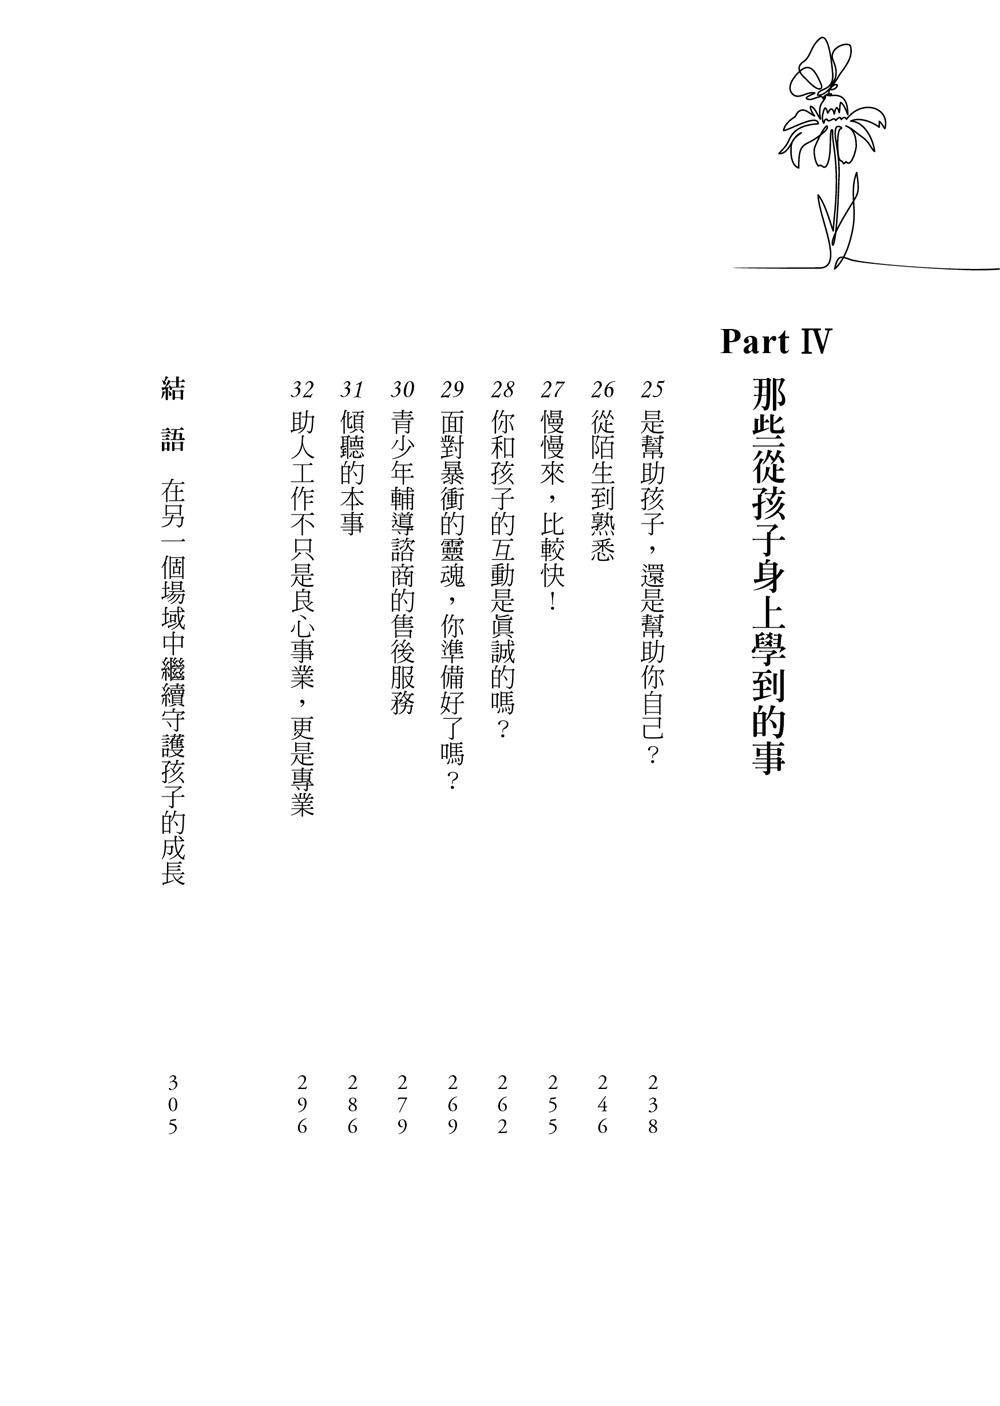 //im2.book.com.tw/image/getImage?i=http://www.books.com.tw/img/001/077/08/0010770814_b_05.jpg&v=5a0c1765&w=655&h=609